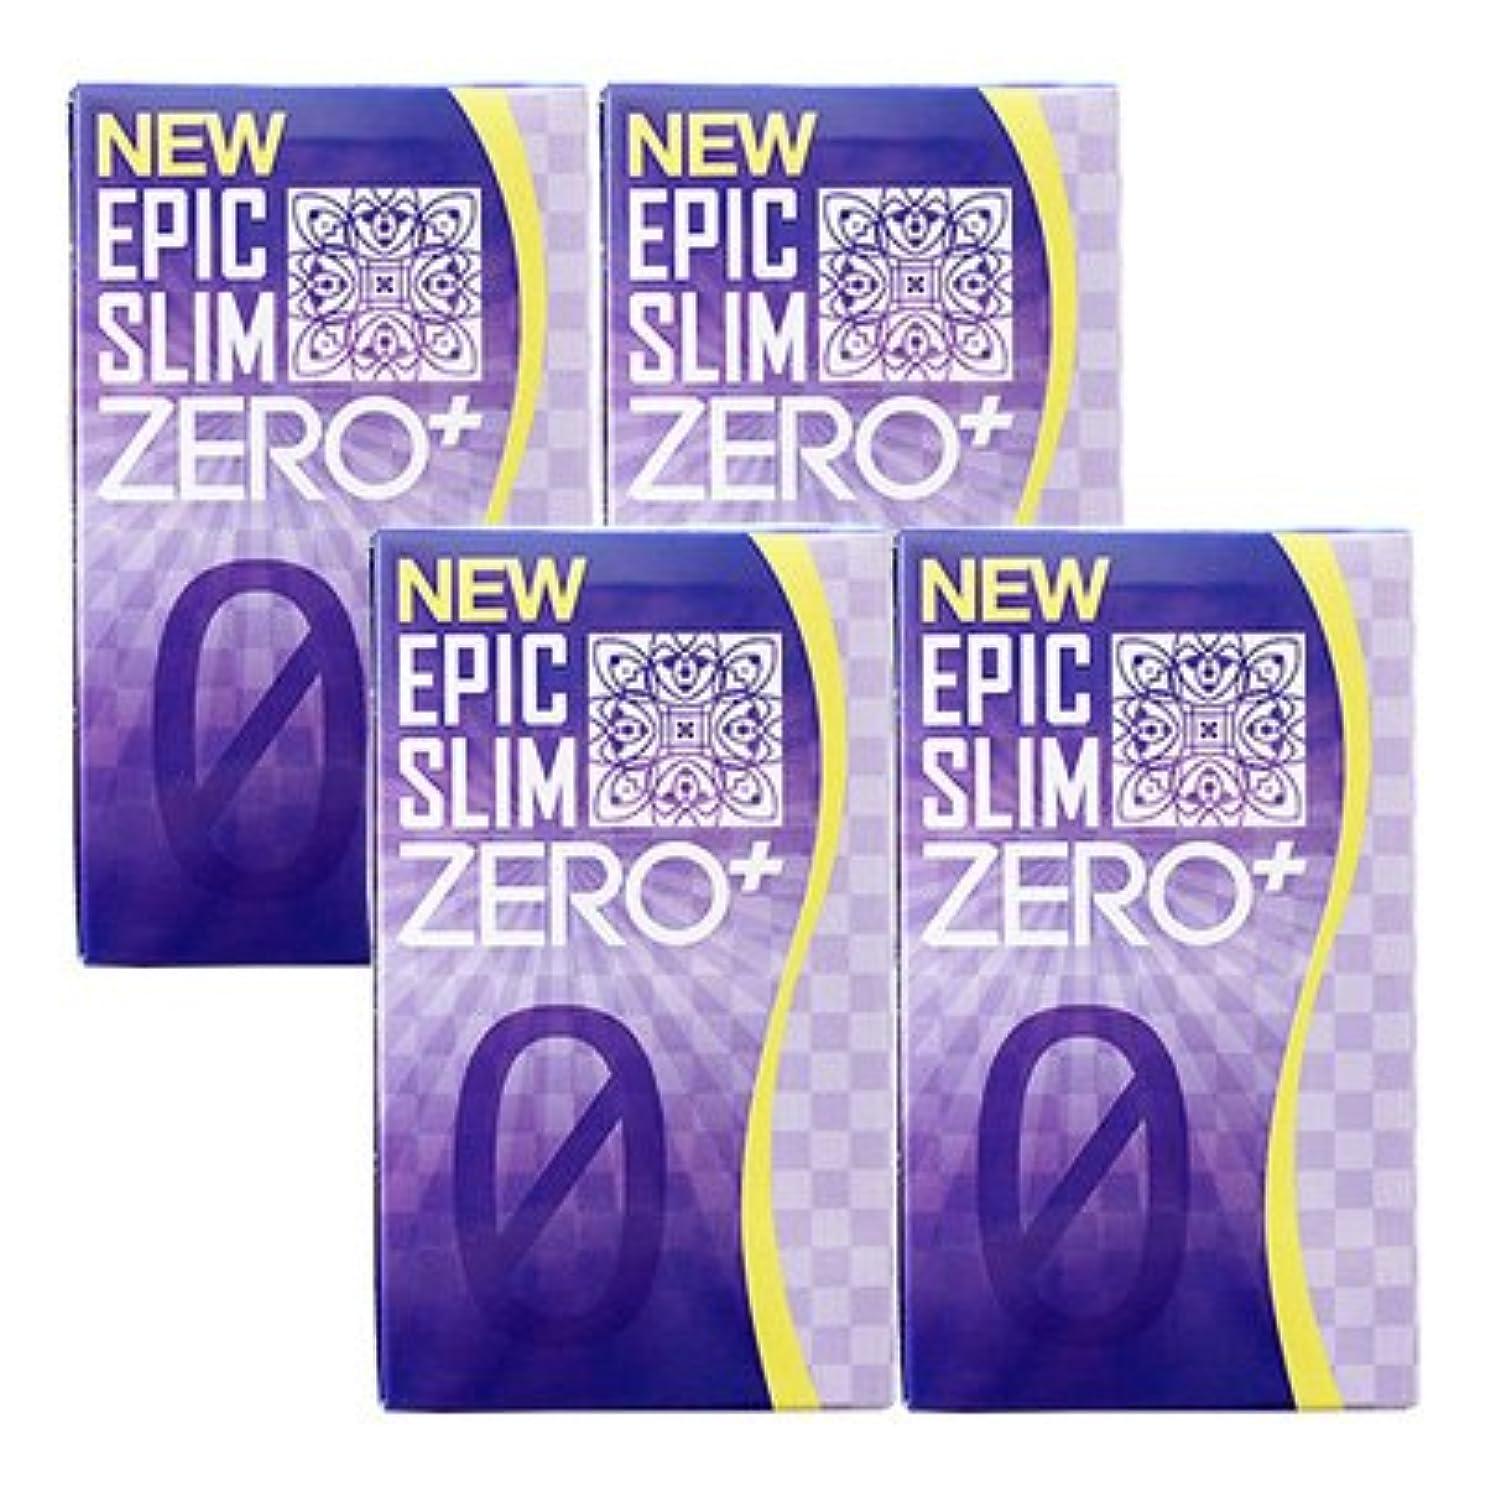 絵ナサニエル区ネックレスNEW エピックスリム ゼロ+ 4個セット NEW Epic Slim ZERO PLUS